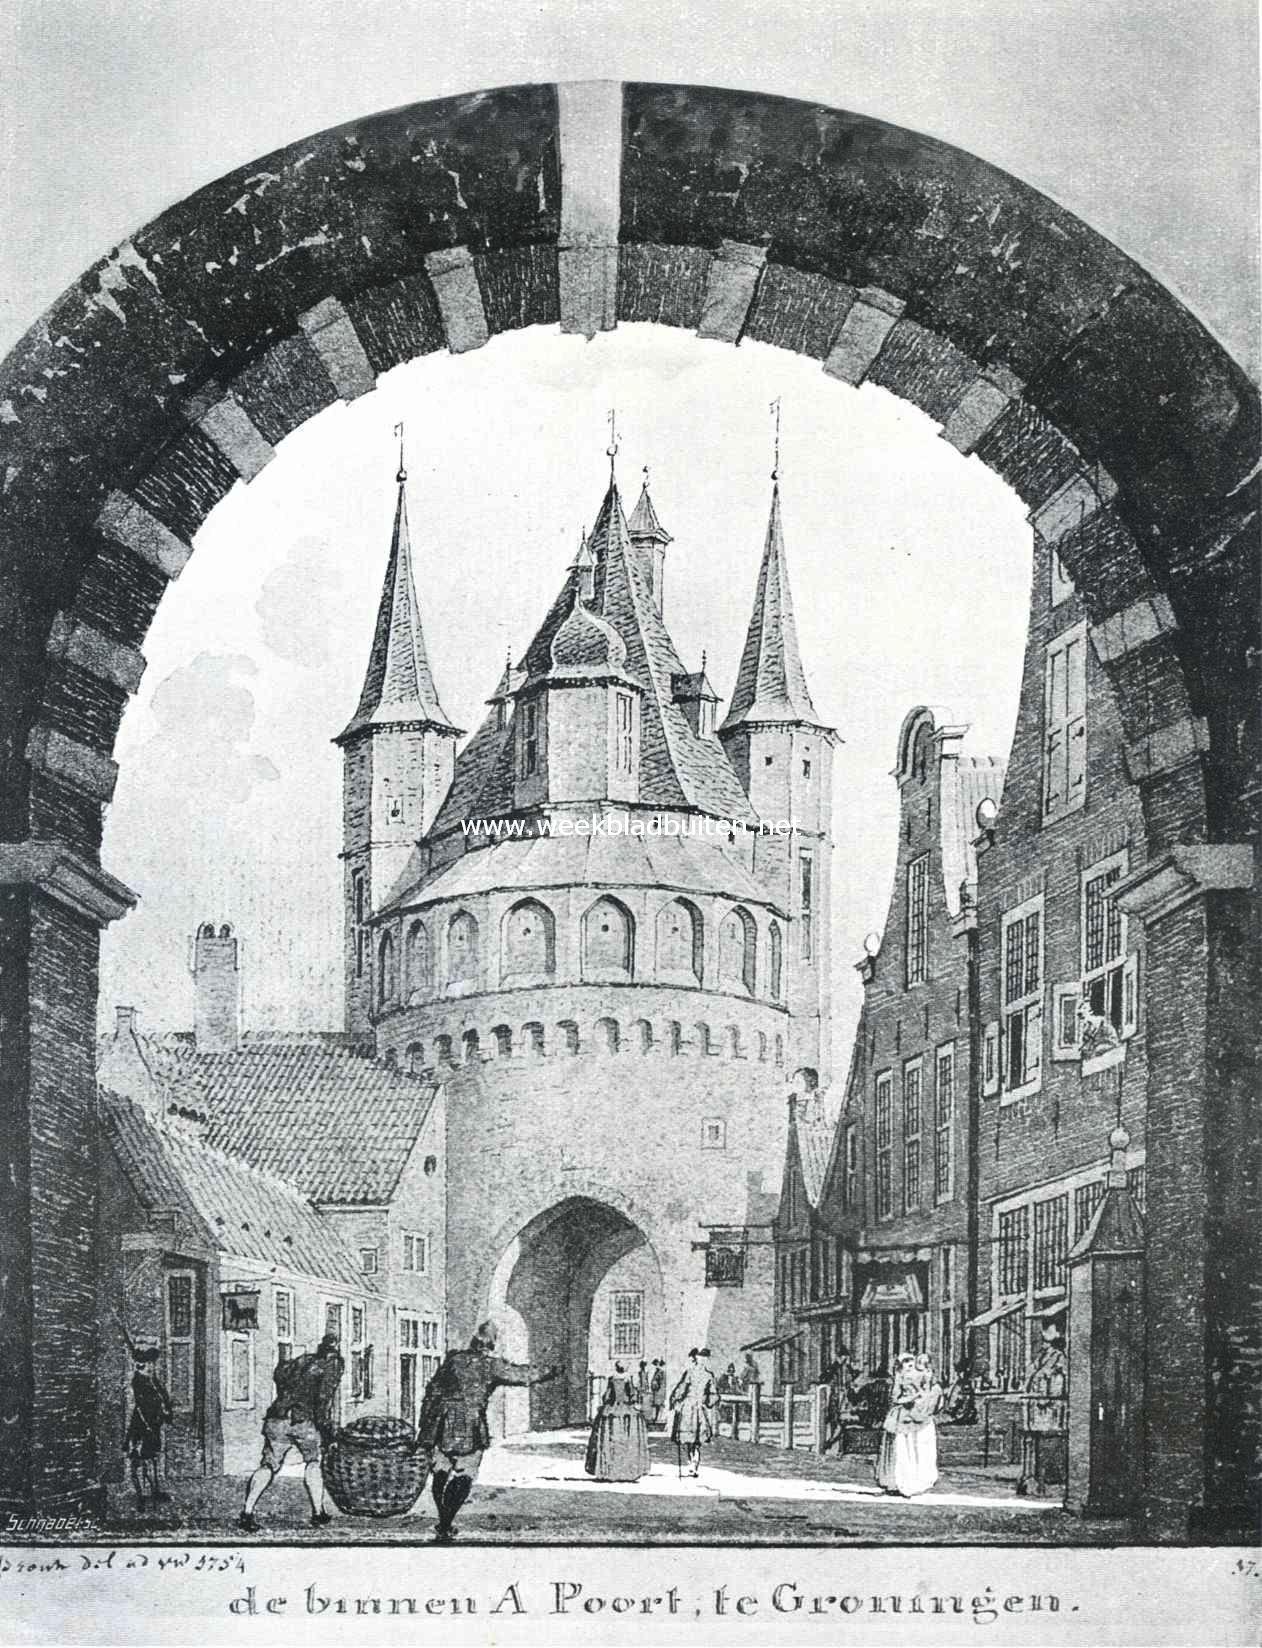 Sloopend herboren-Nederland. Gezicht op de voormalige Binnen A-poort te Groningen, gesloopt in 1828